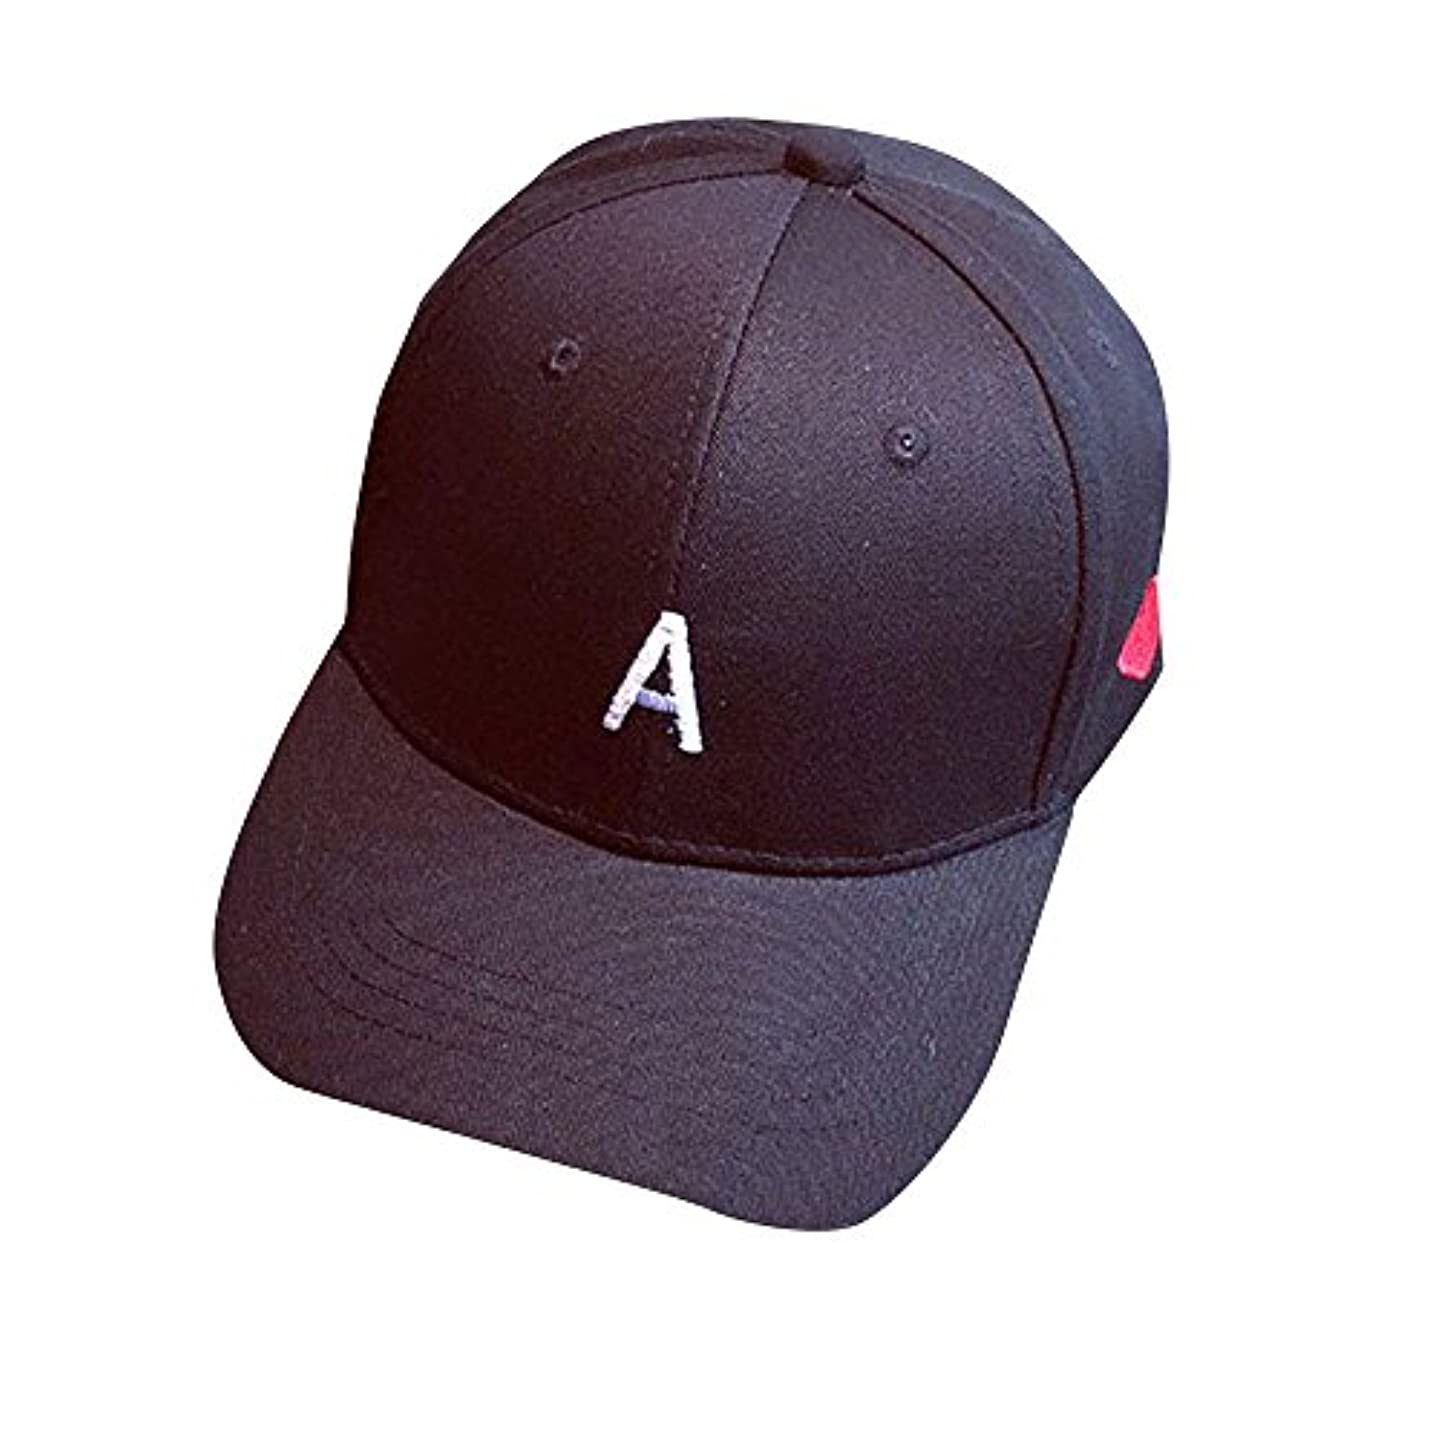 アイスクリーム用心する新聞Racazing Cap 文字刺繍 野球帽 無地 キャップ 夏 登山 通気性のある 帽子 ベルクロ 可調整可能 ヒップホップ 棒球帽 UV 帽子 軽量 屋外 Unisex Hat (黒)